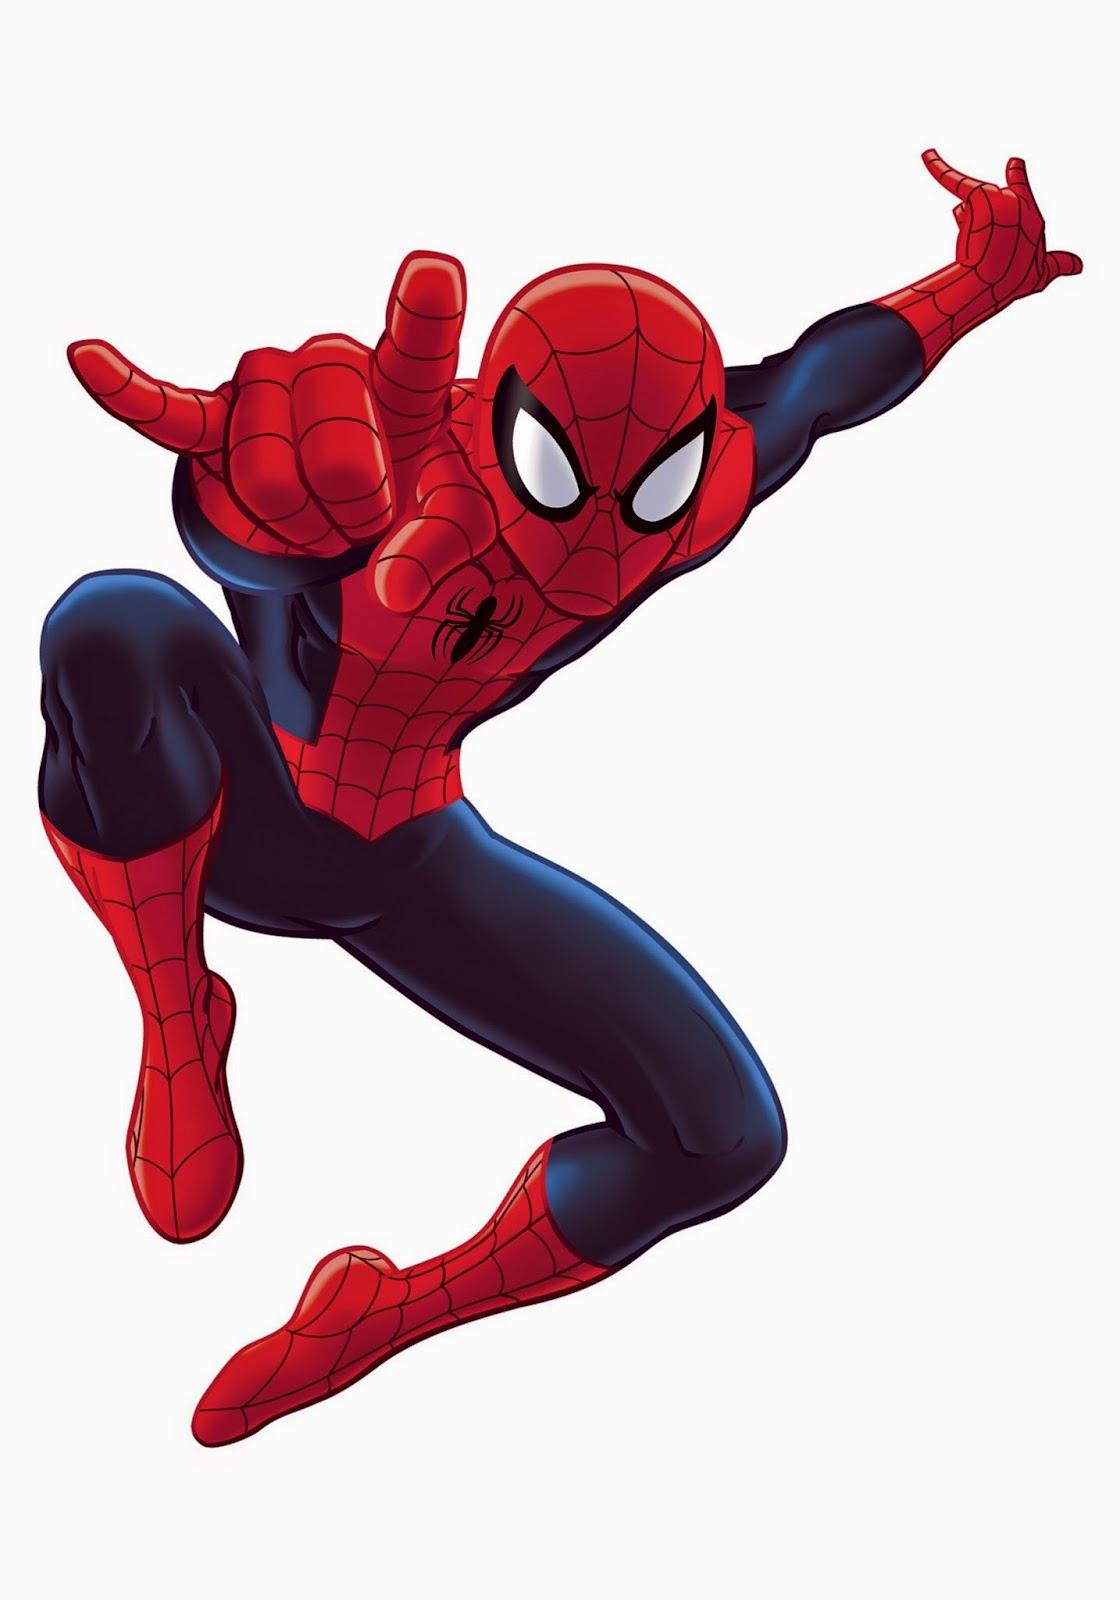 Le livroscope cycle kirsten dunst 3 la trilogie spider - Et spider man ...